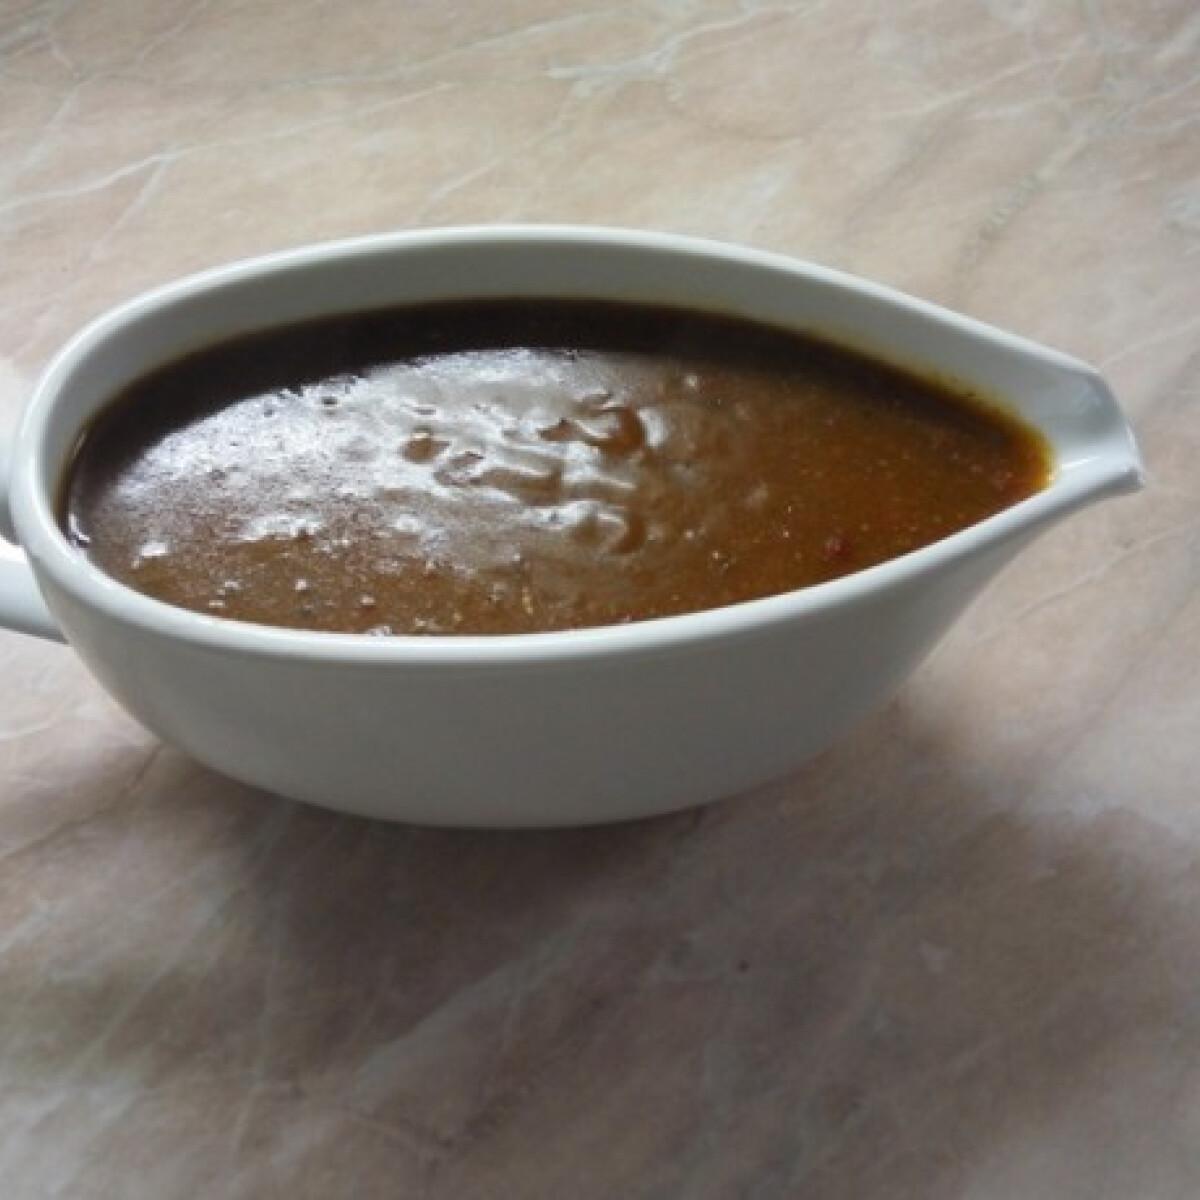 Ezen a képen: Enchilada szósz